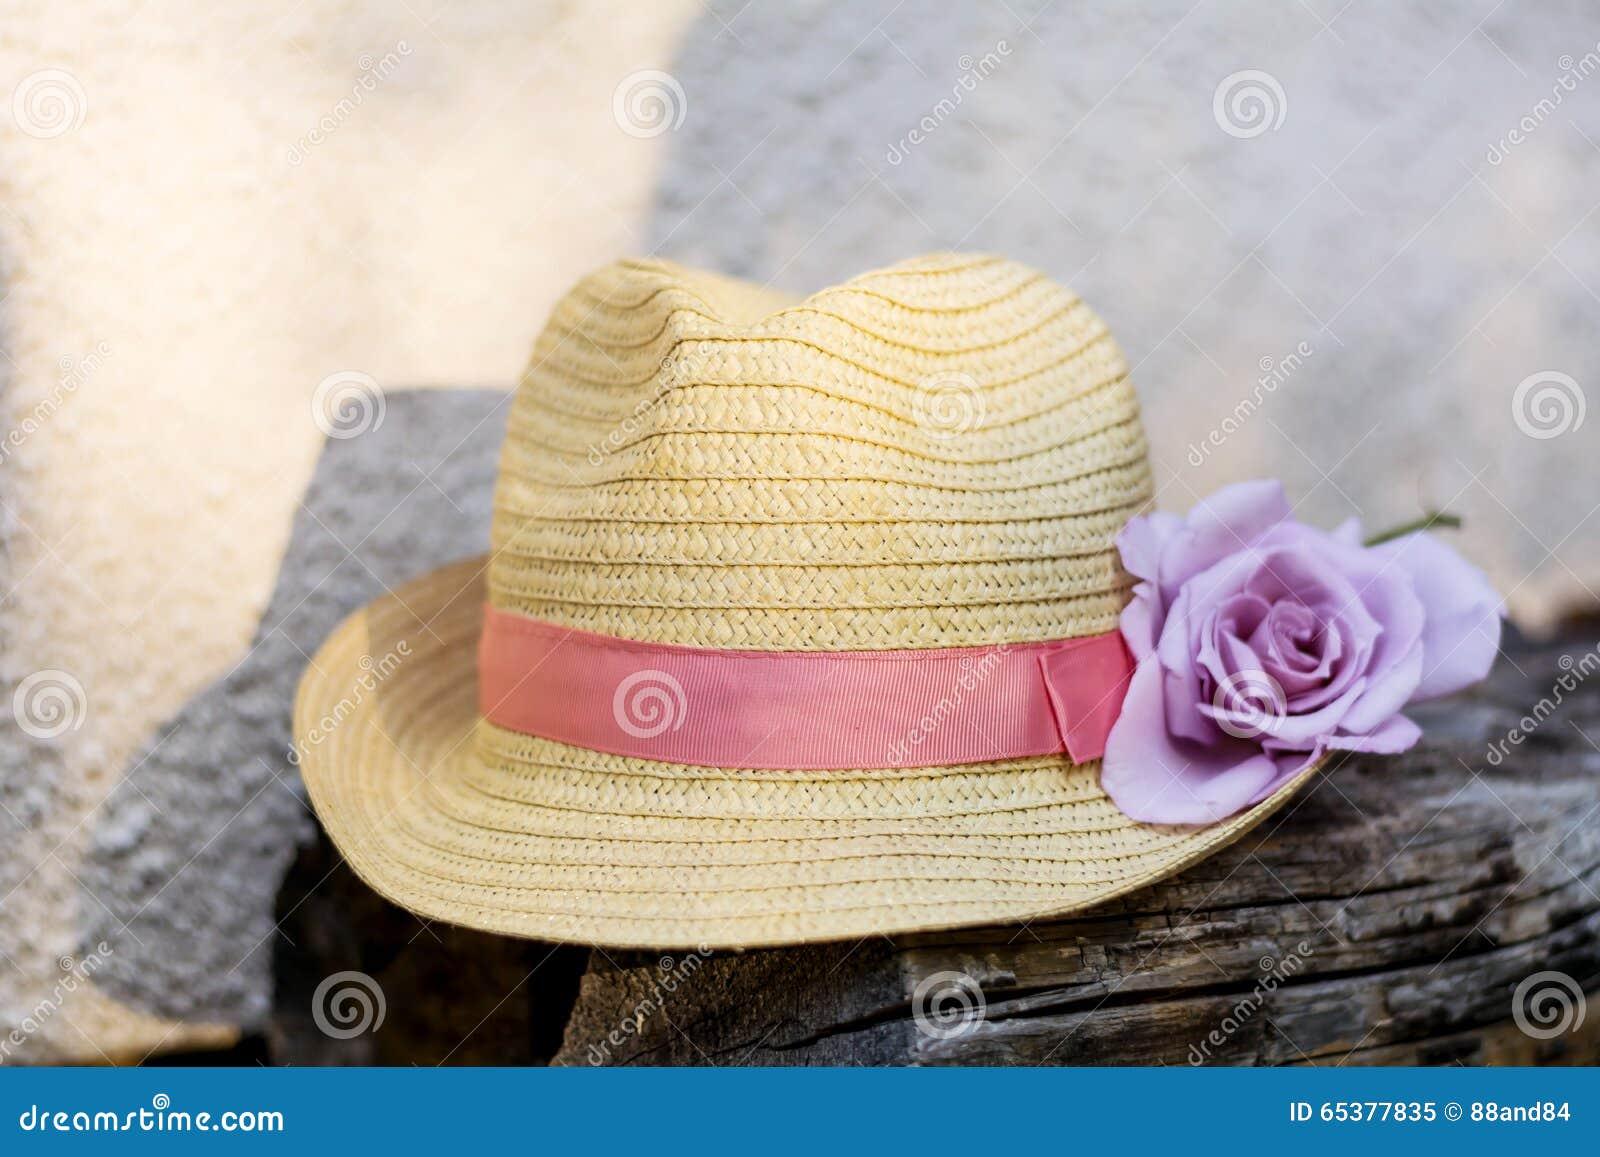 Sombrero De Paja Moderno Con La Rosa Del Rosa Imagen de archivo ... 9284c13d6ee